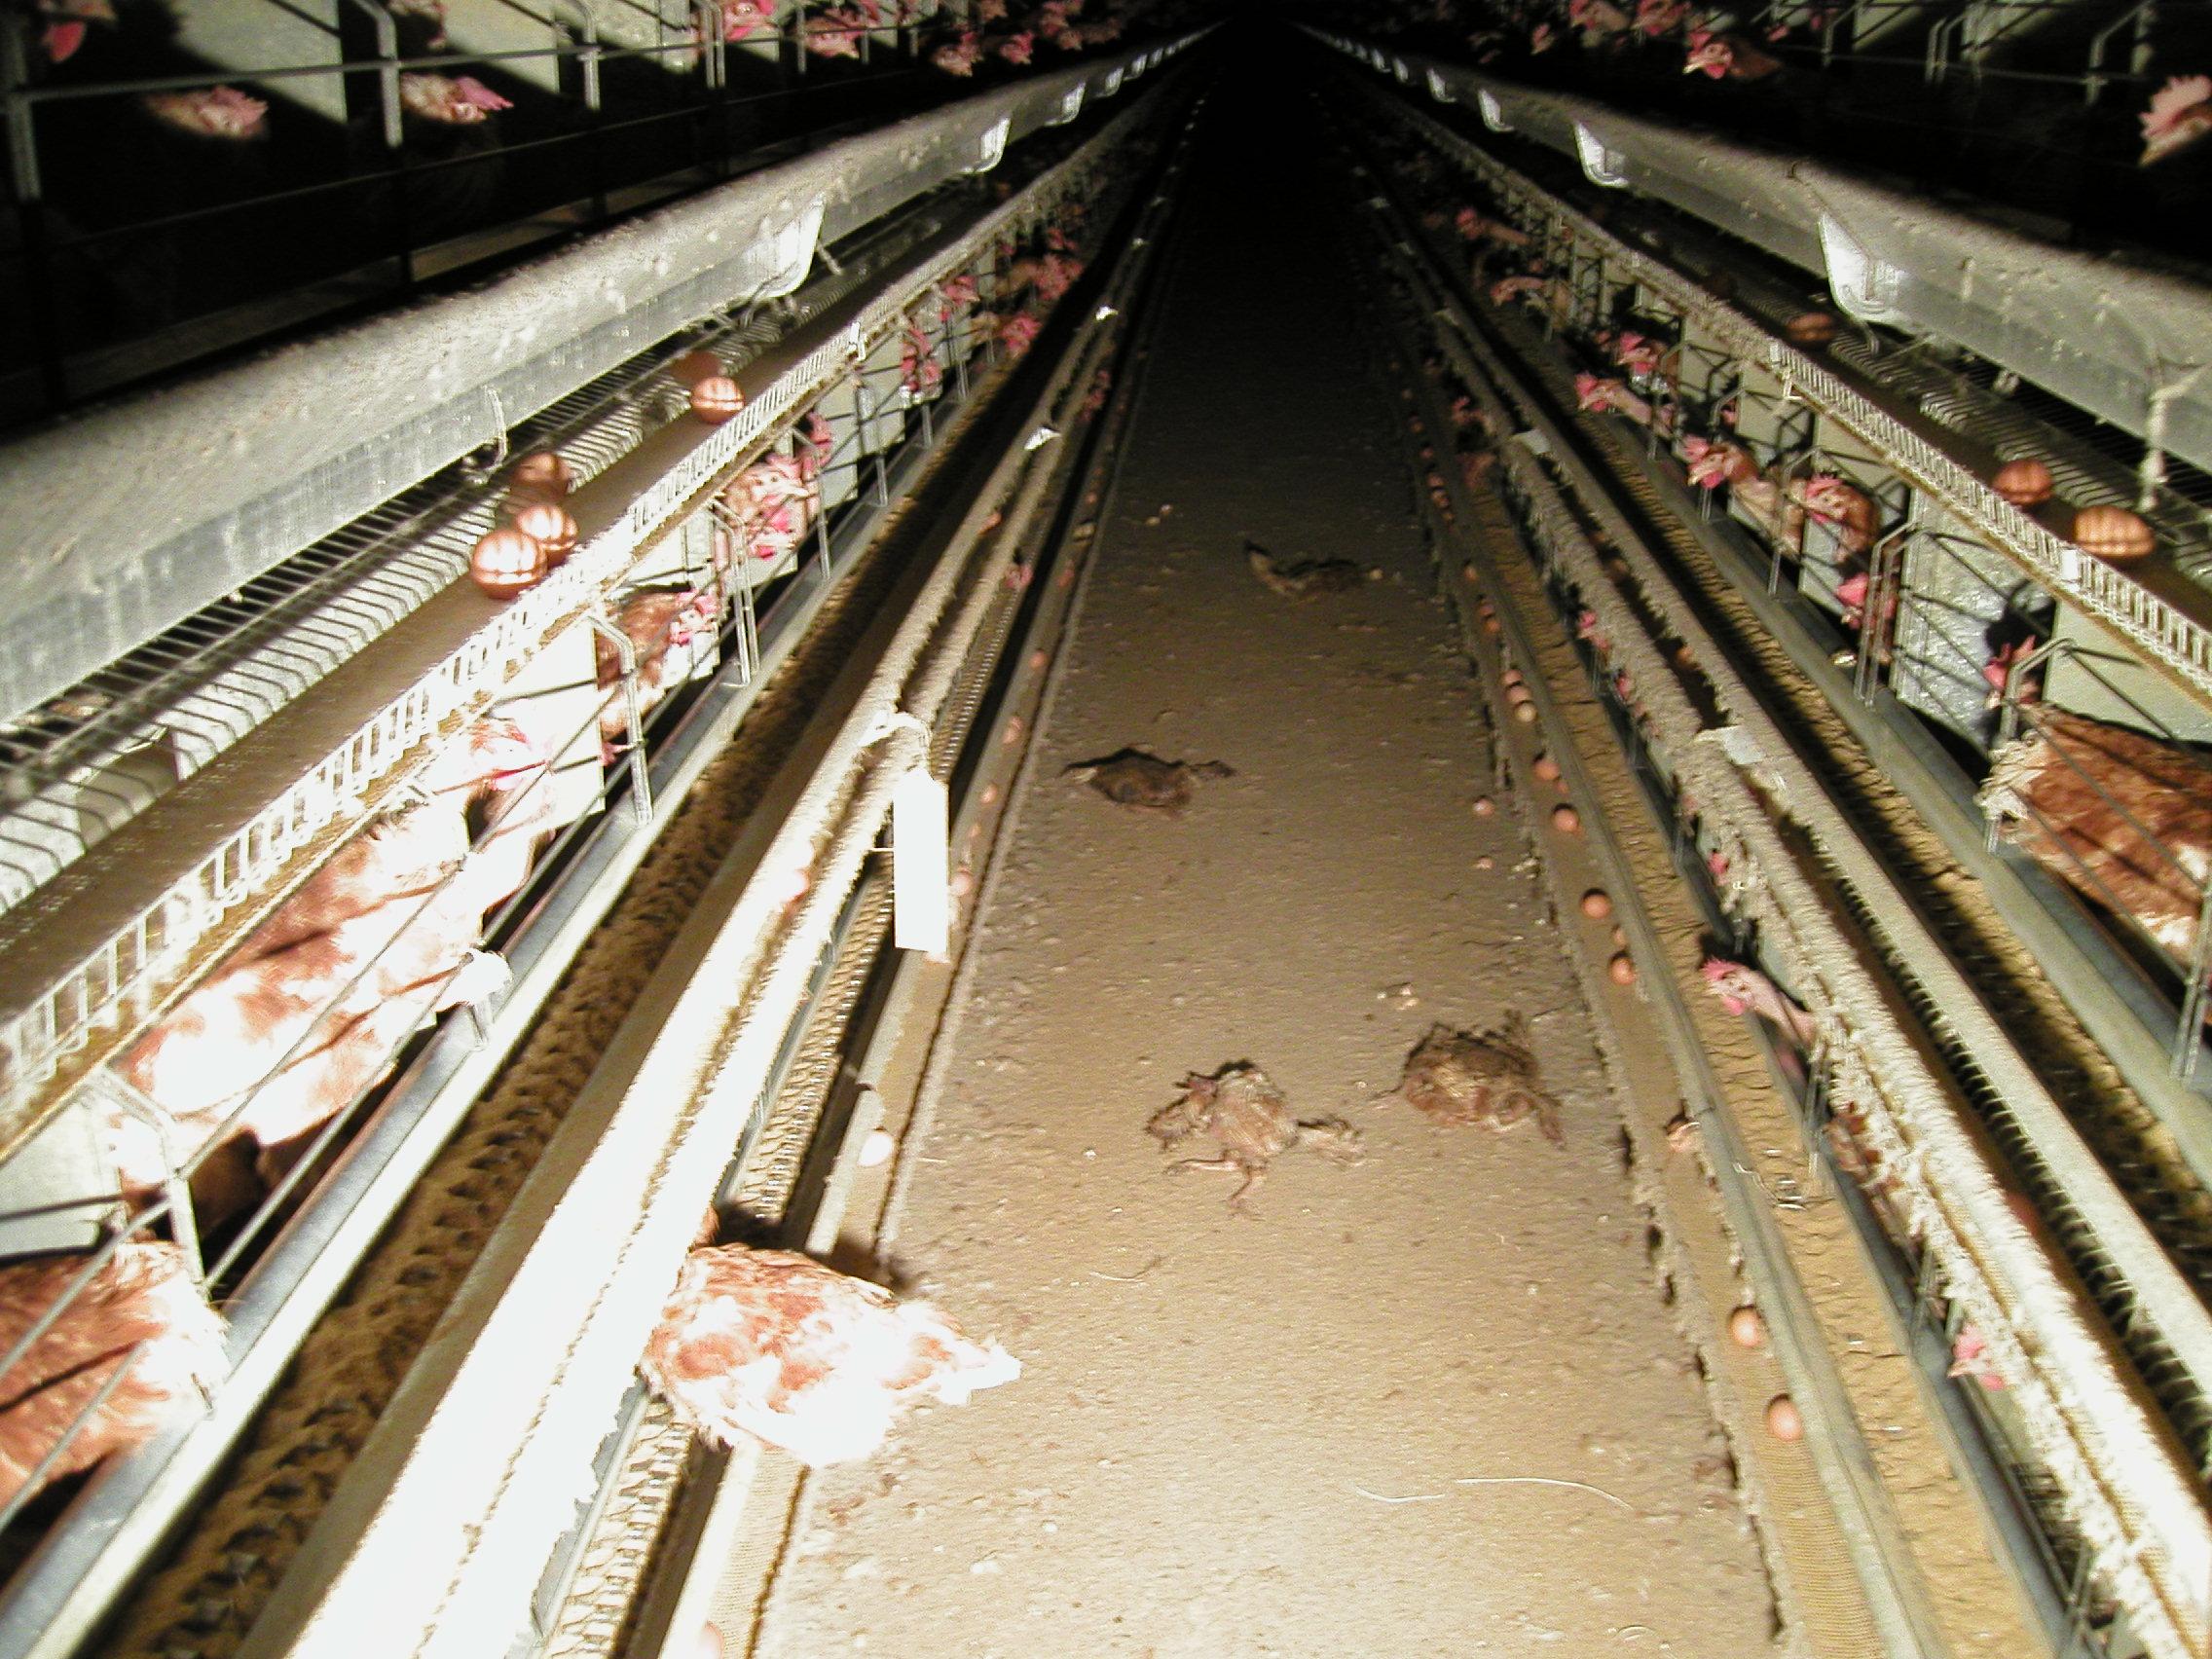 Týrání zvířat – Wikipedie c11666530a